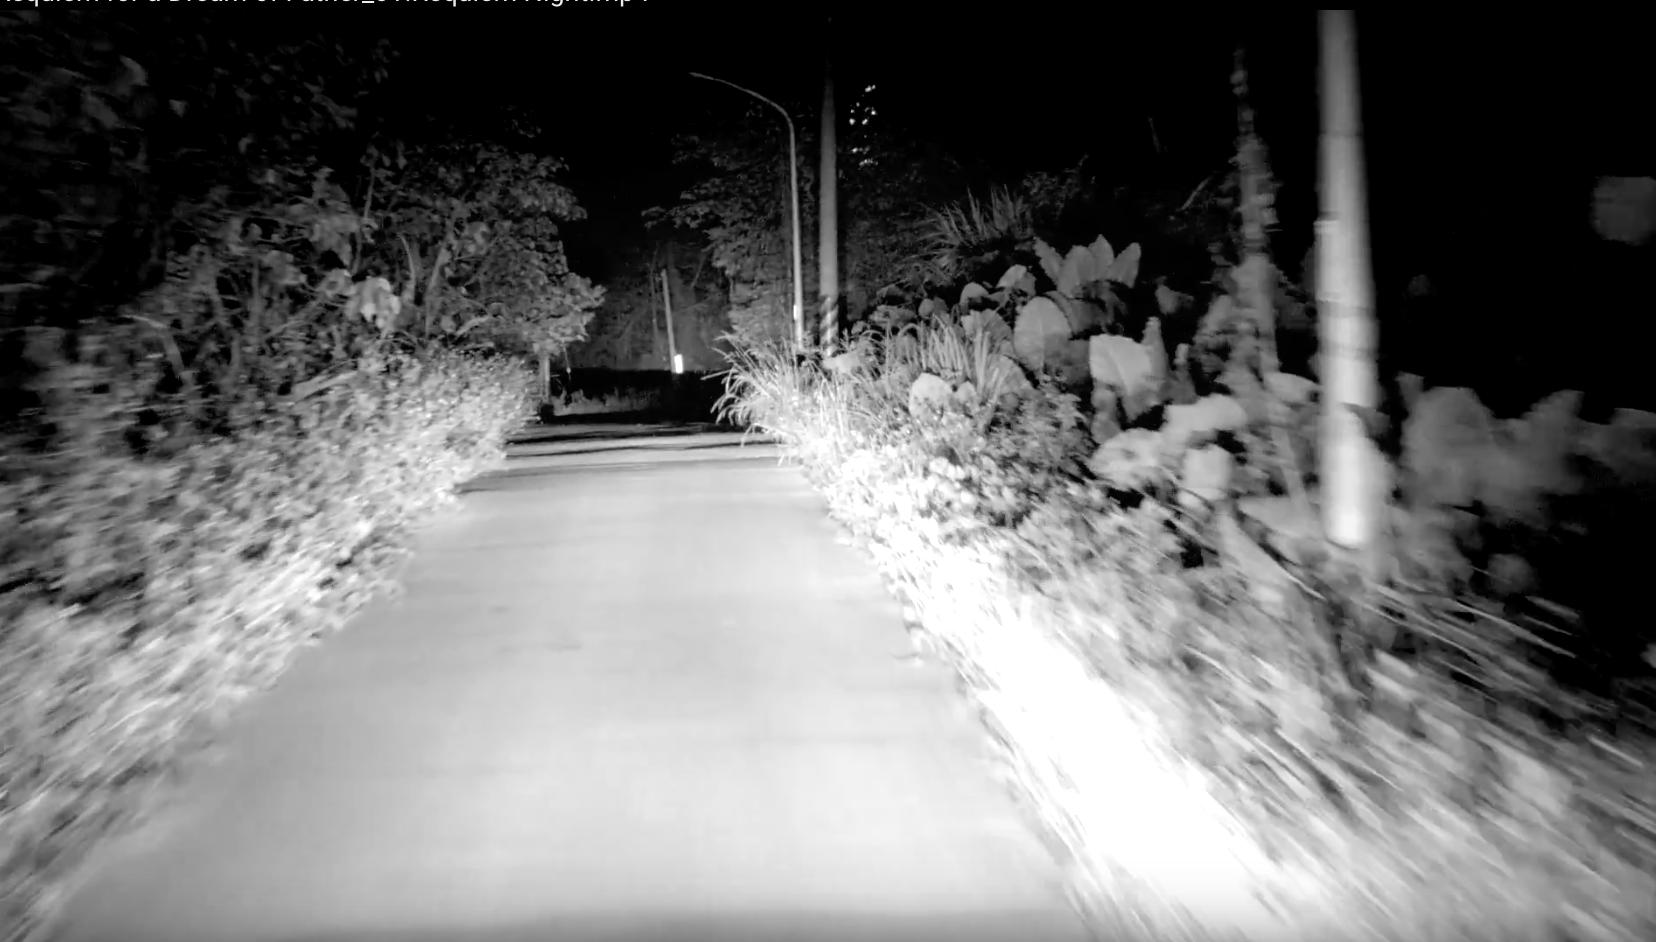 Screen Shot 2018-03-07 at 5.52.56 PM.png